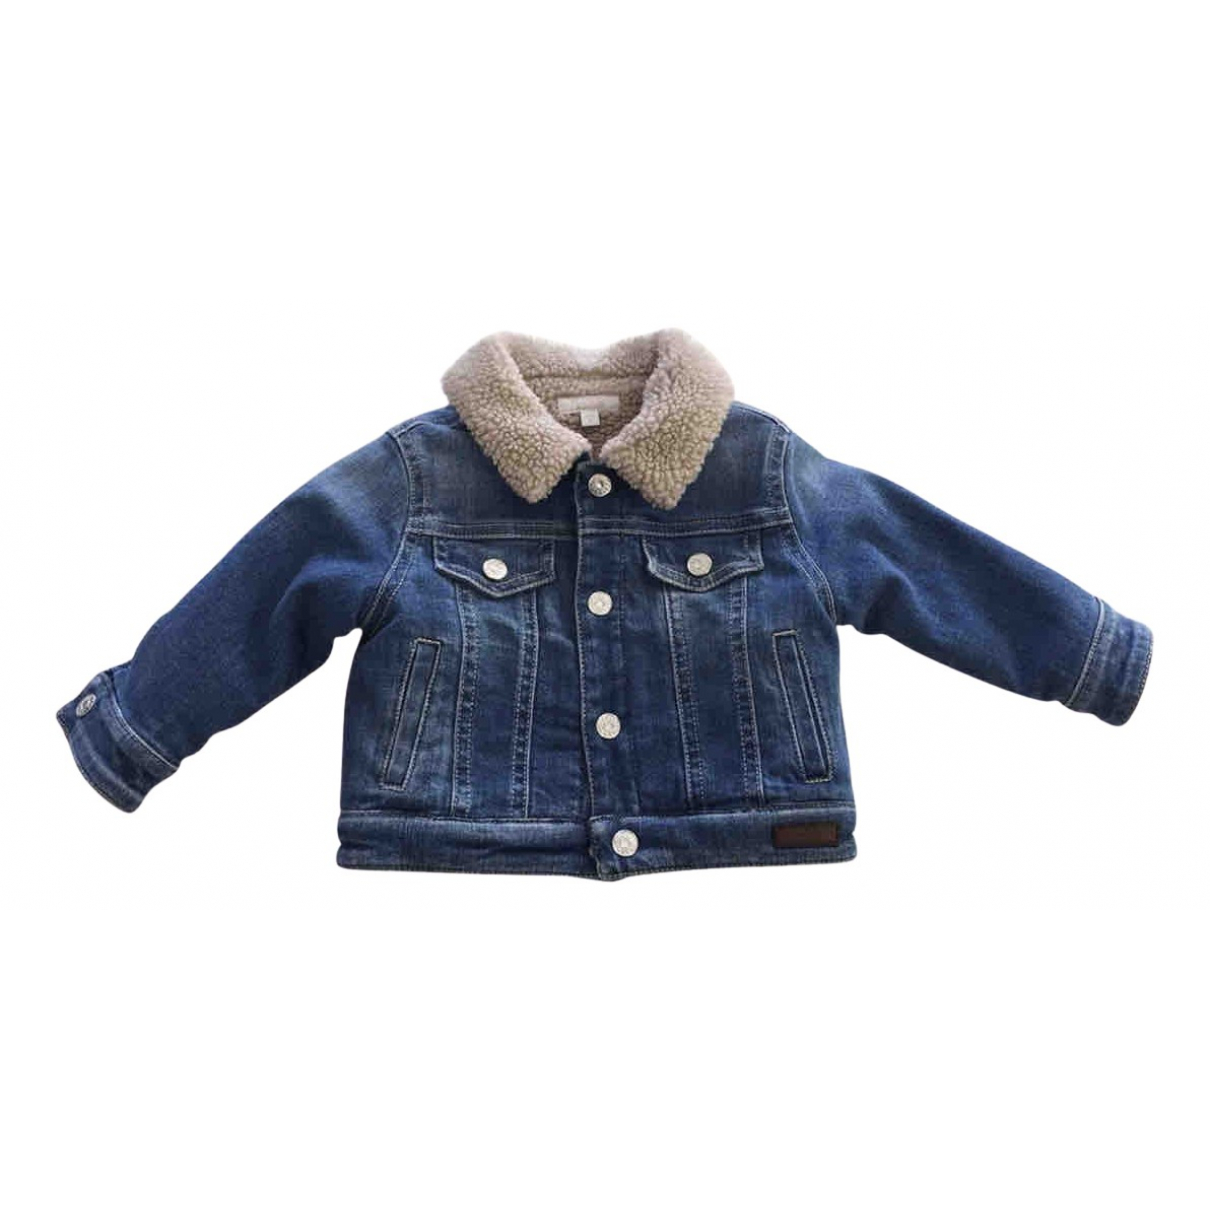 Gucci N Blue Denim - Jeans jacket & coat for Kids 6 months - up to 67cm FR